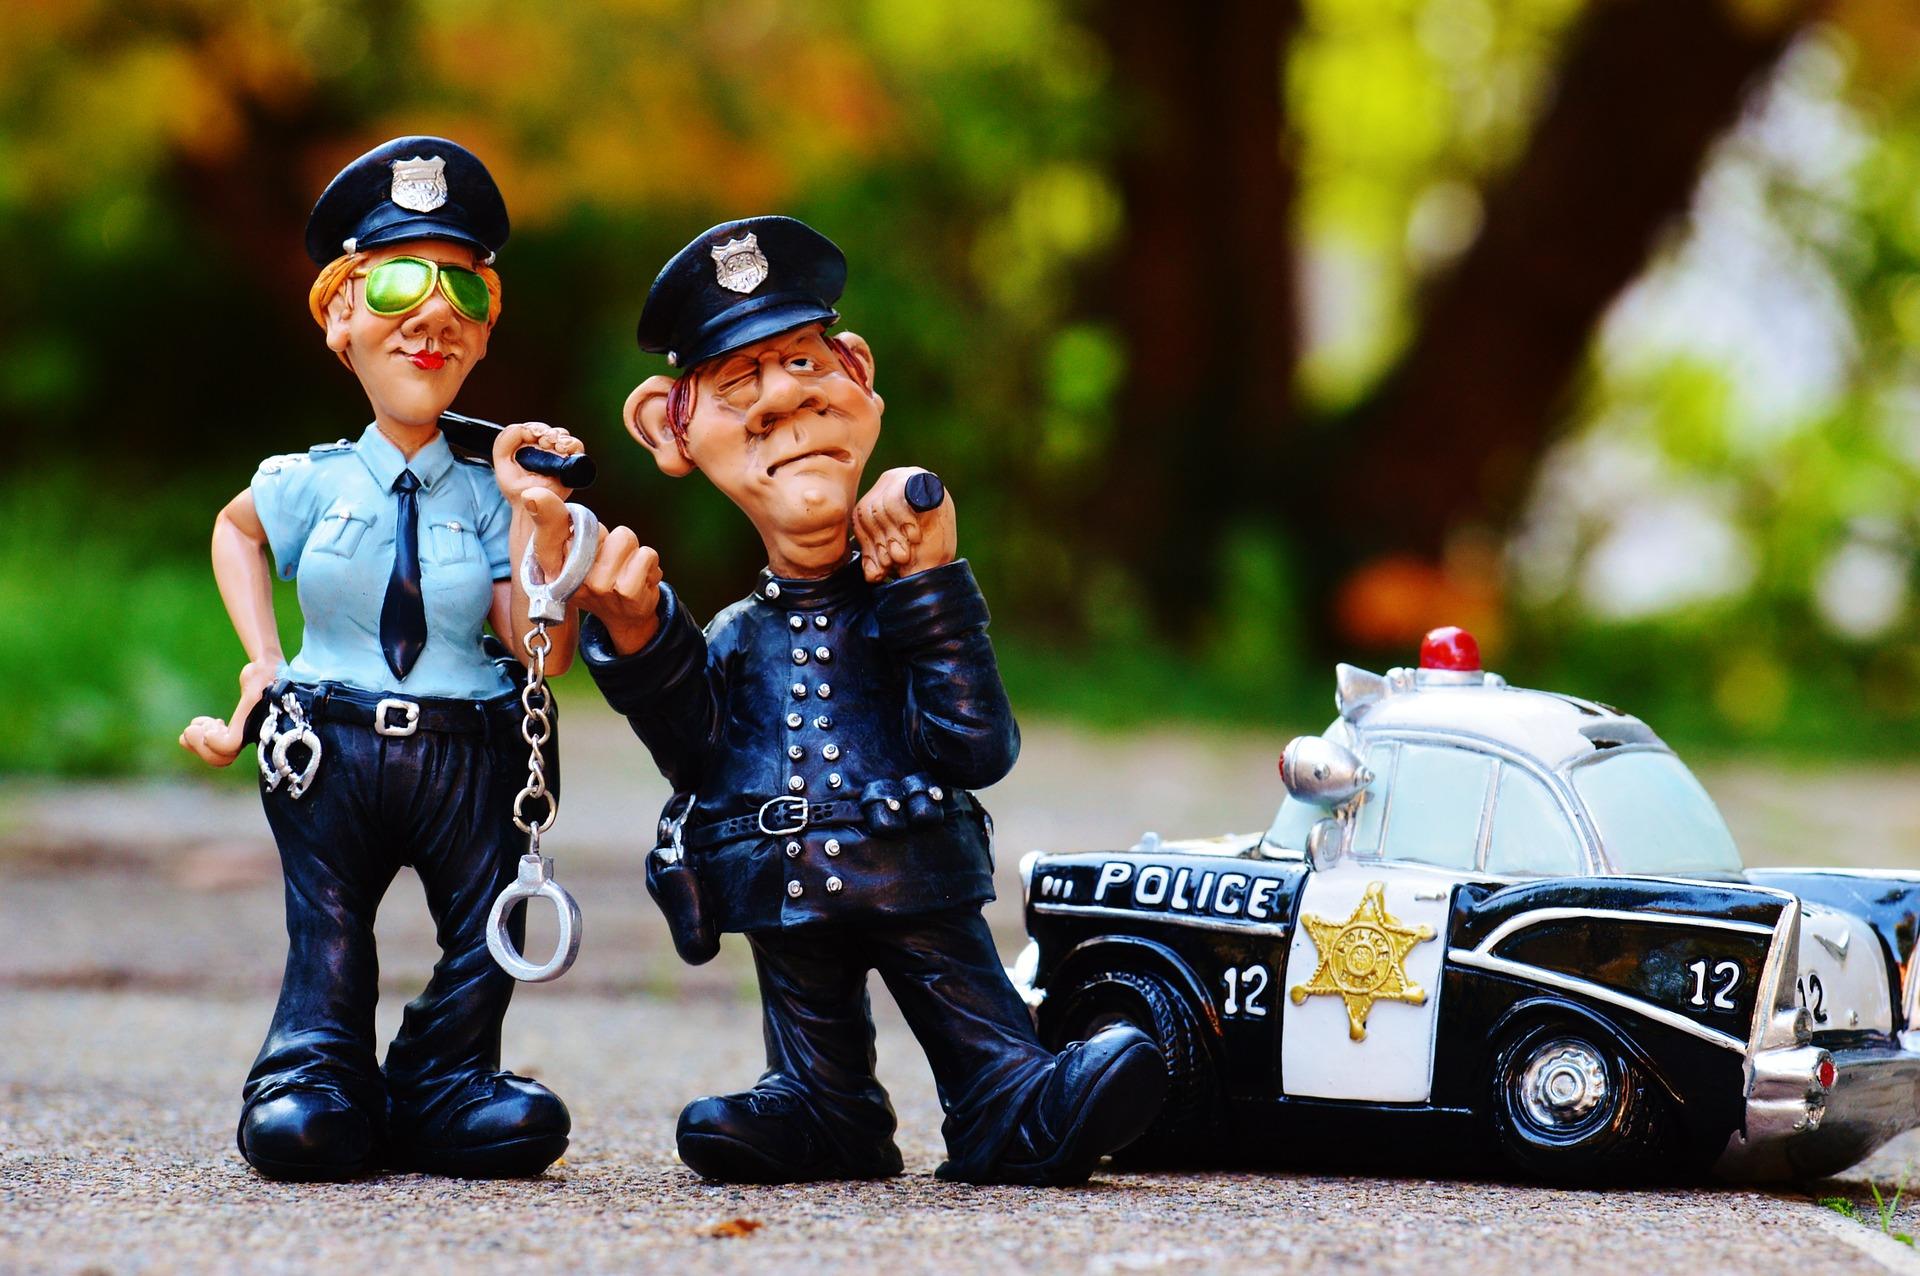 cop-1016240_1920